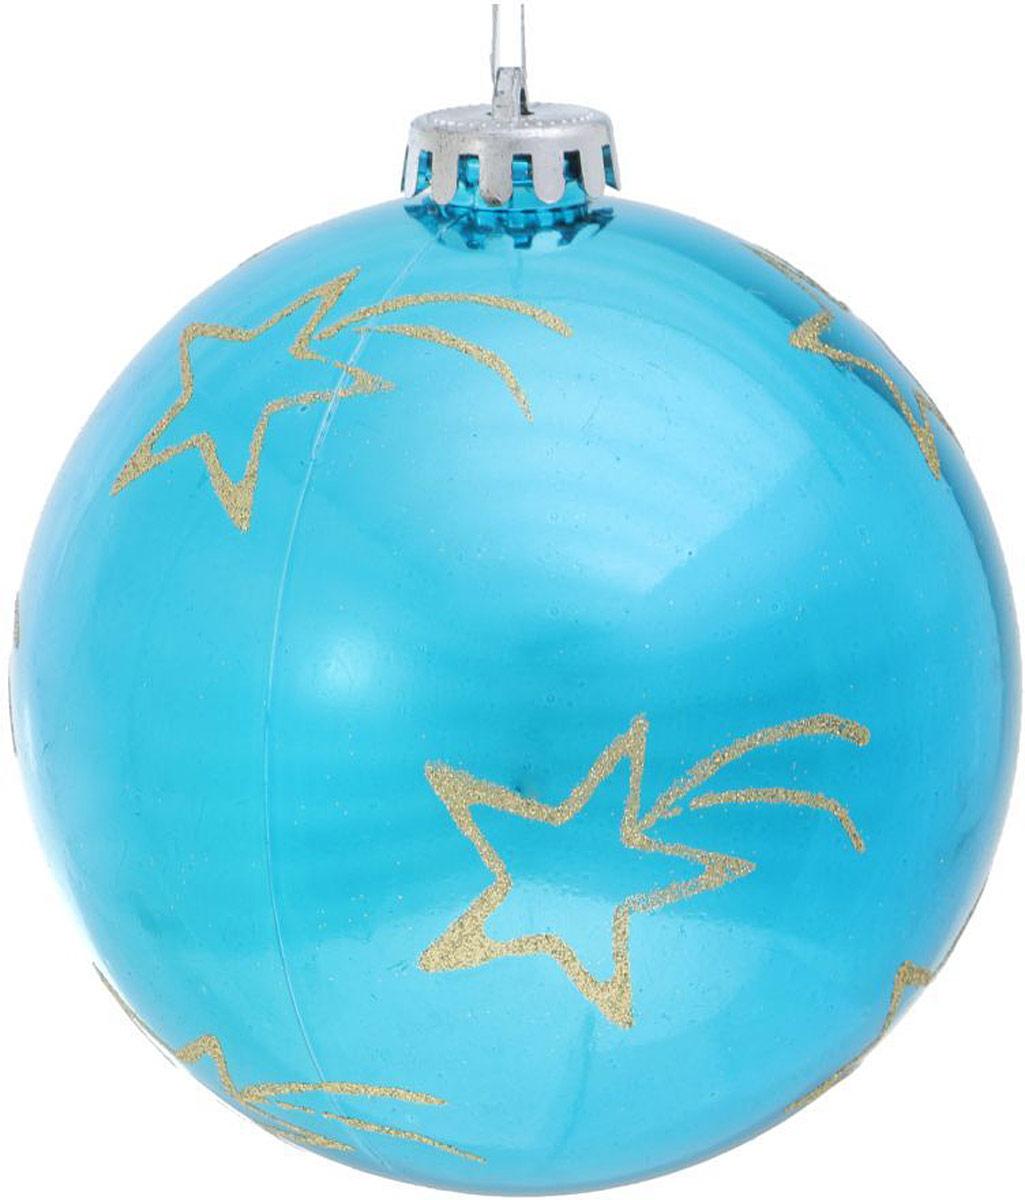 Украшение новогоднее подвесное Sima-land Комета, диаметр 12 см свеча ароматизированная sima land лимон на подставке высота 6 см